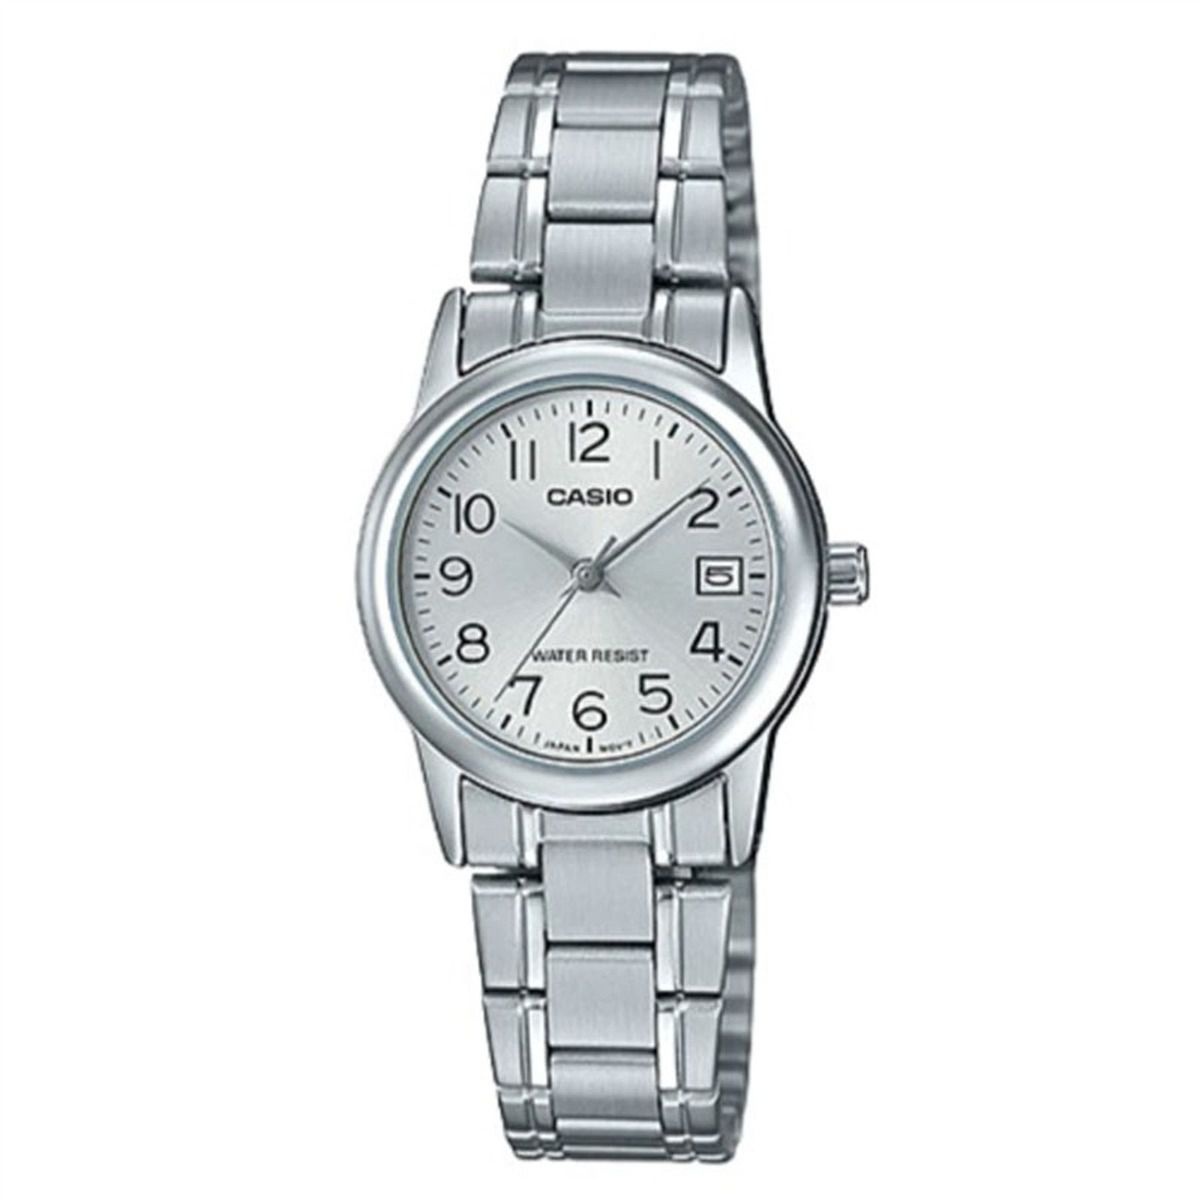 Relógio Casio Feminino Analógico LTP-V002D-7BUDF